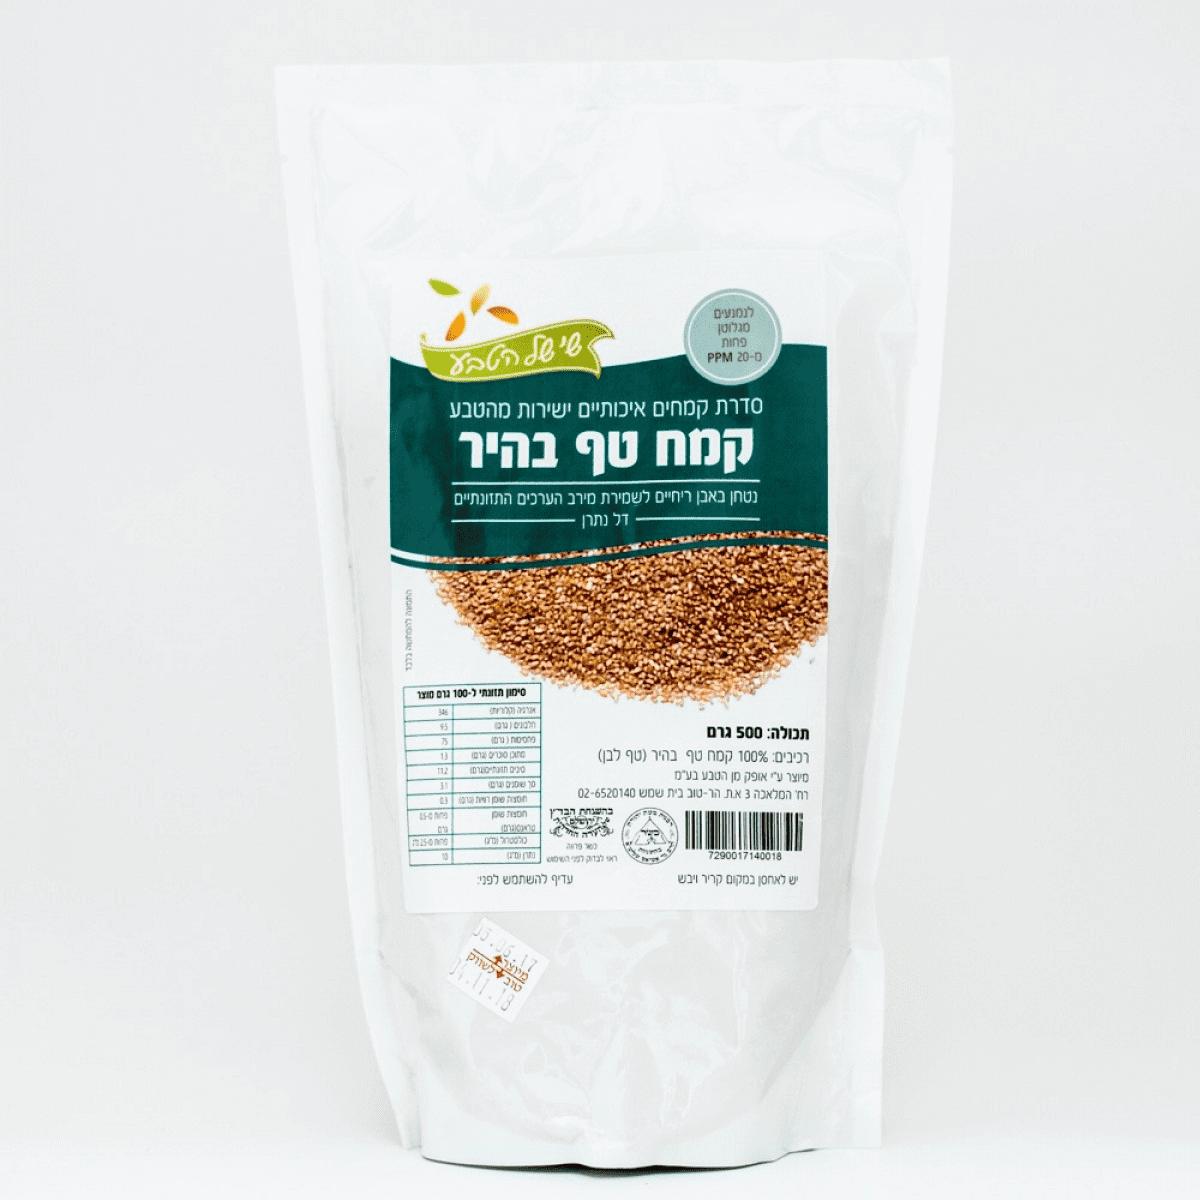 קמח טף בהיר – שי של הטבע